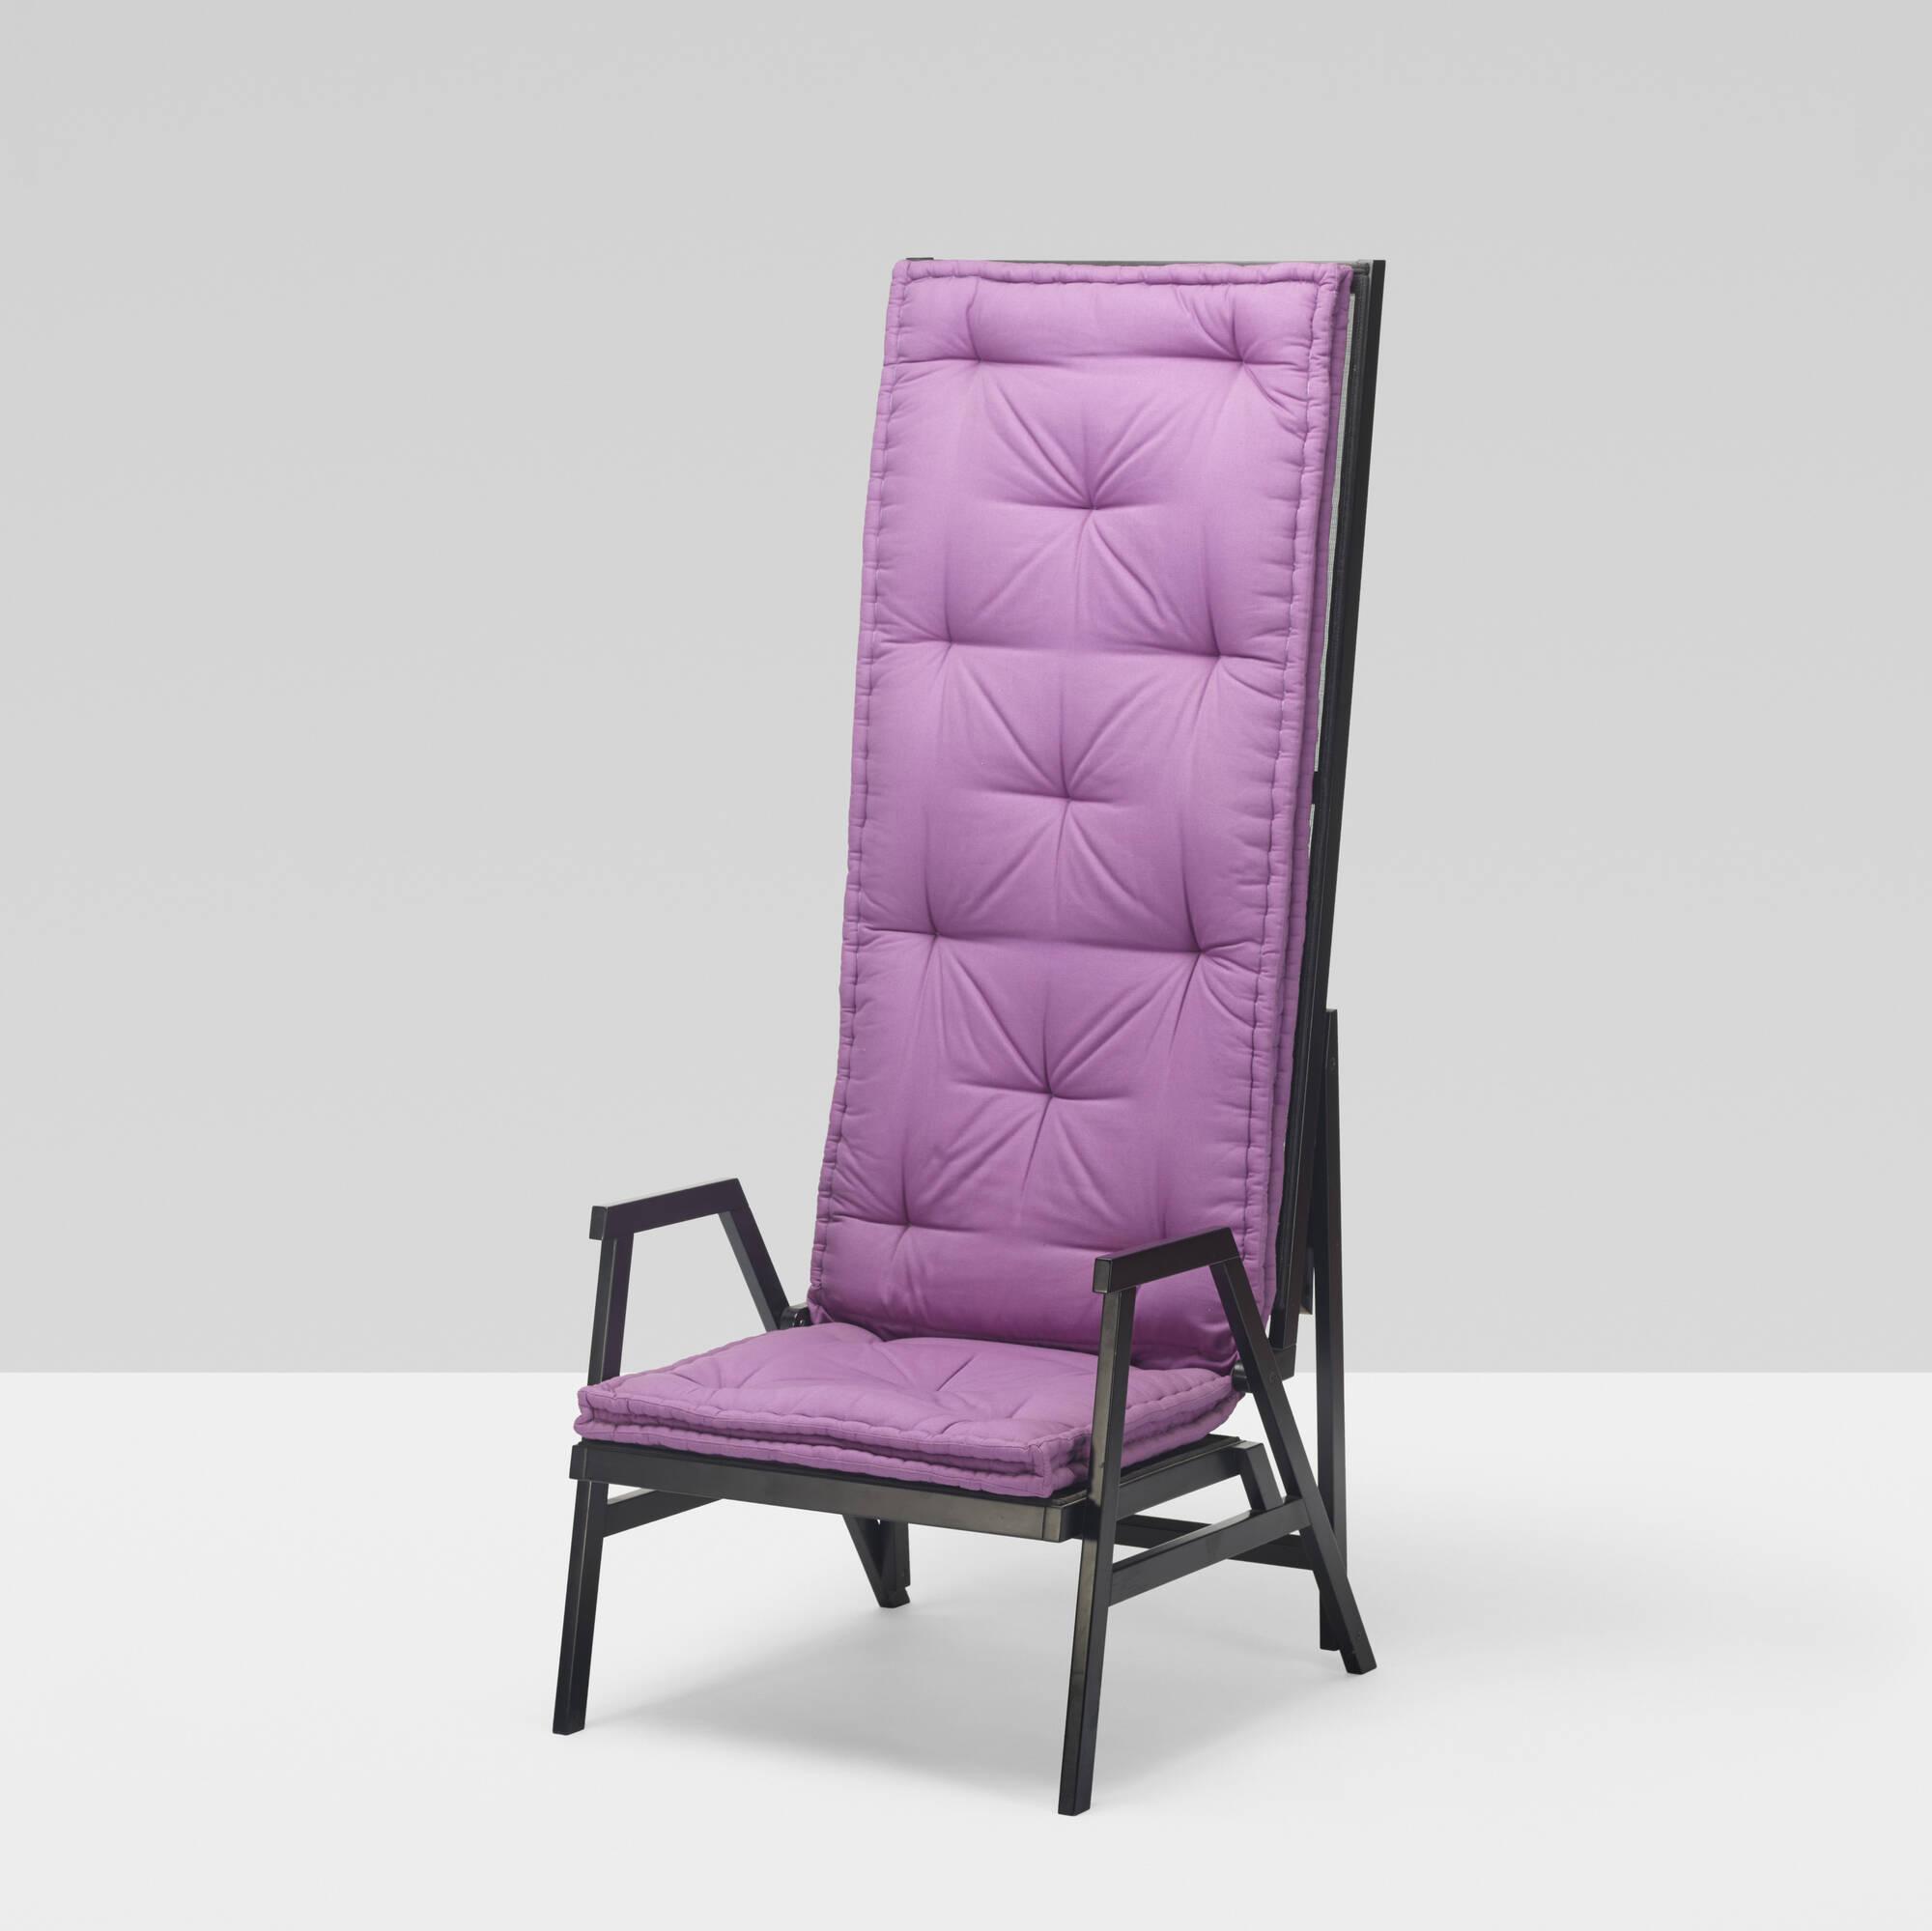 308: Achille Castiglioni / rare Polet lawn chair (1 of 3)